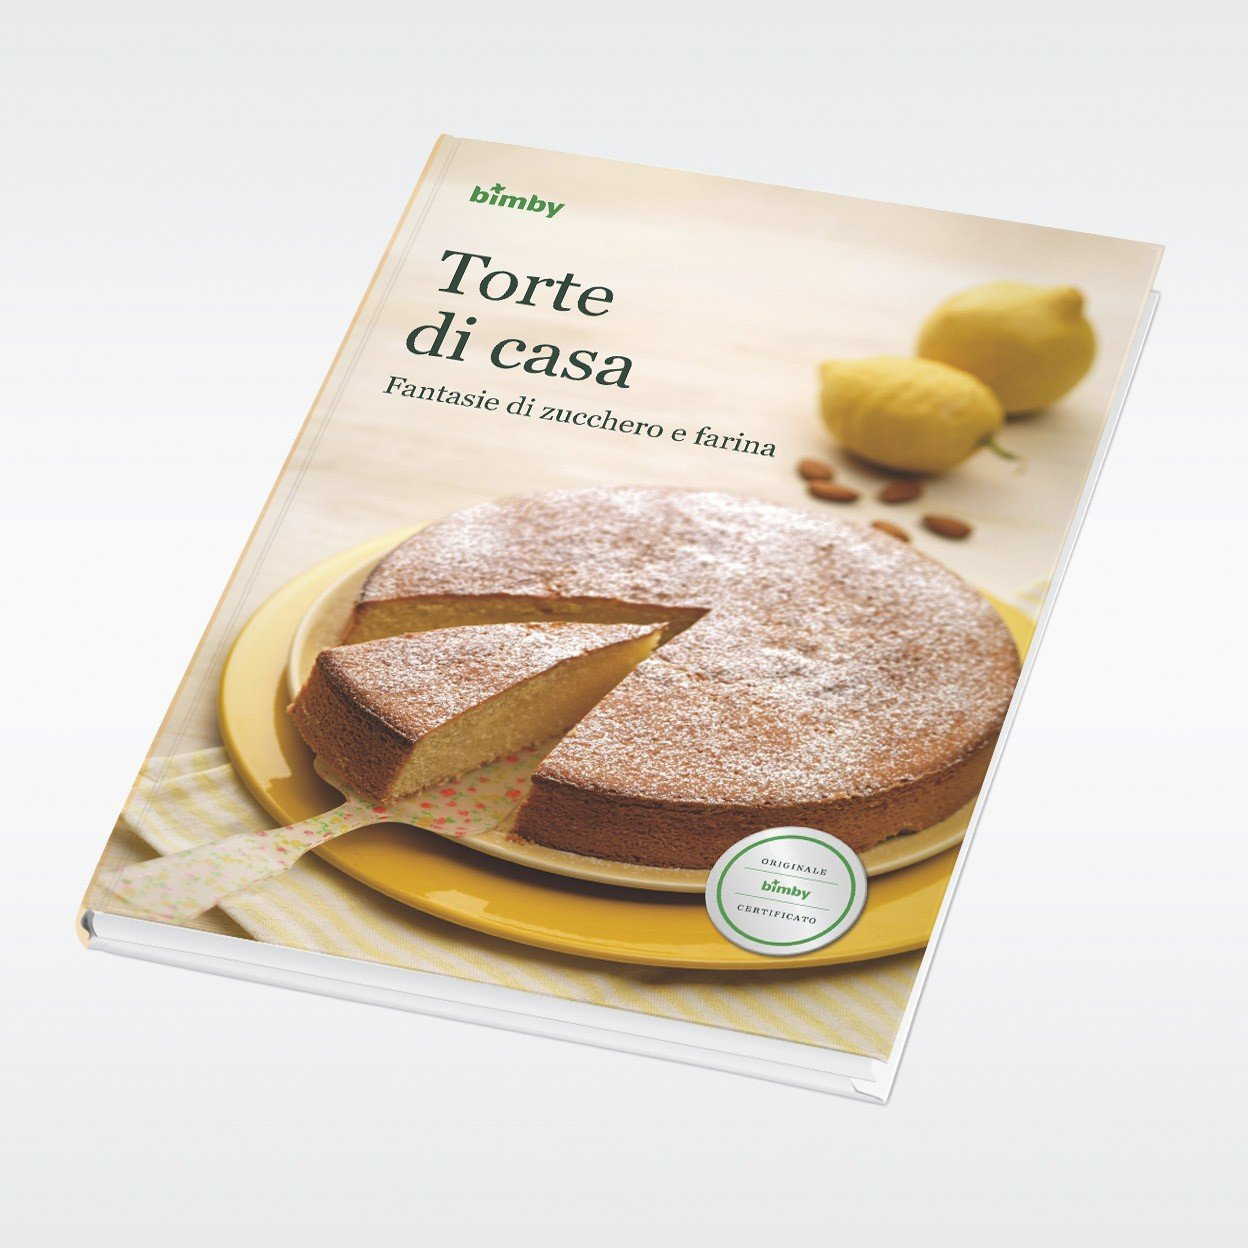 Torte di Casa - Ricettario Bimby TM 5 Bimby Contempora